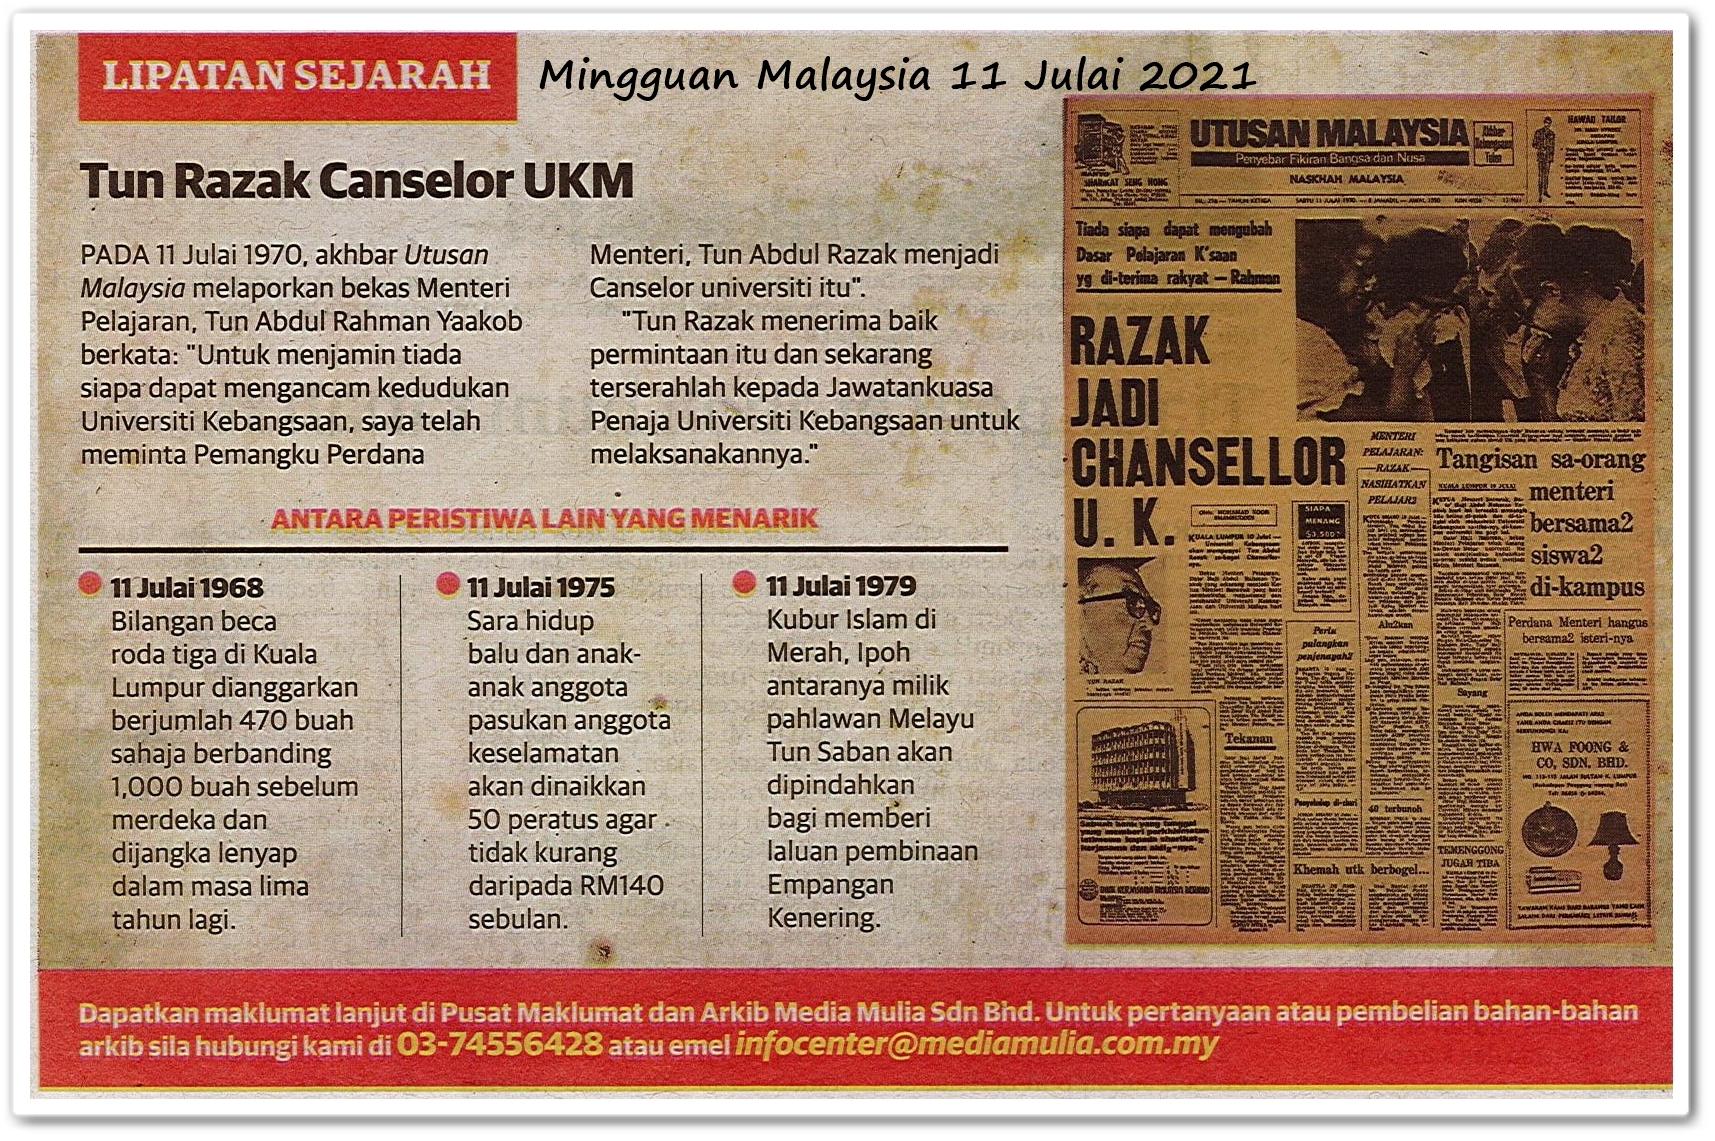 Lipatan sejarah 11 Julai - Keratan akhbar Mingguan Malaysia 11 Julai 2021